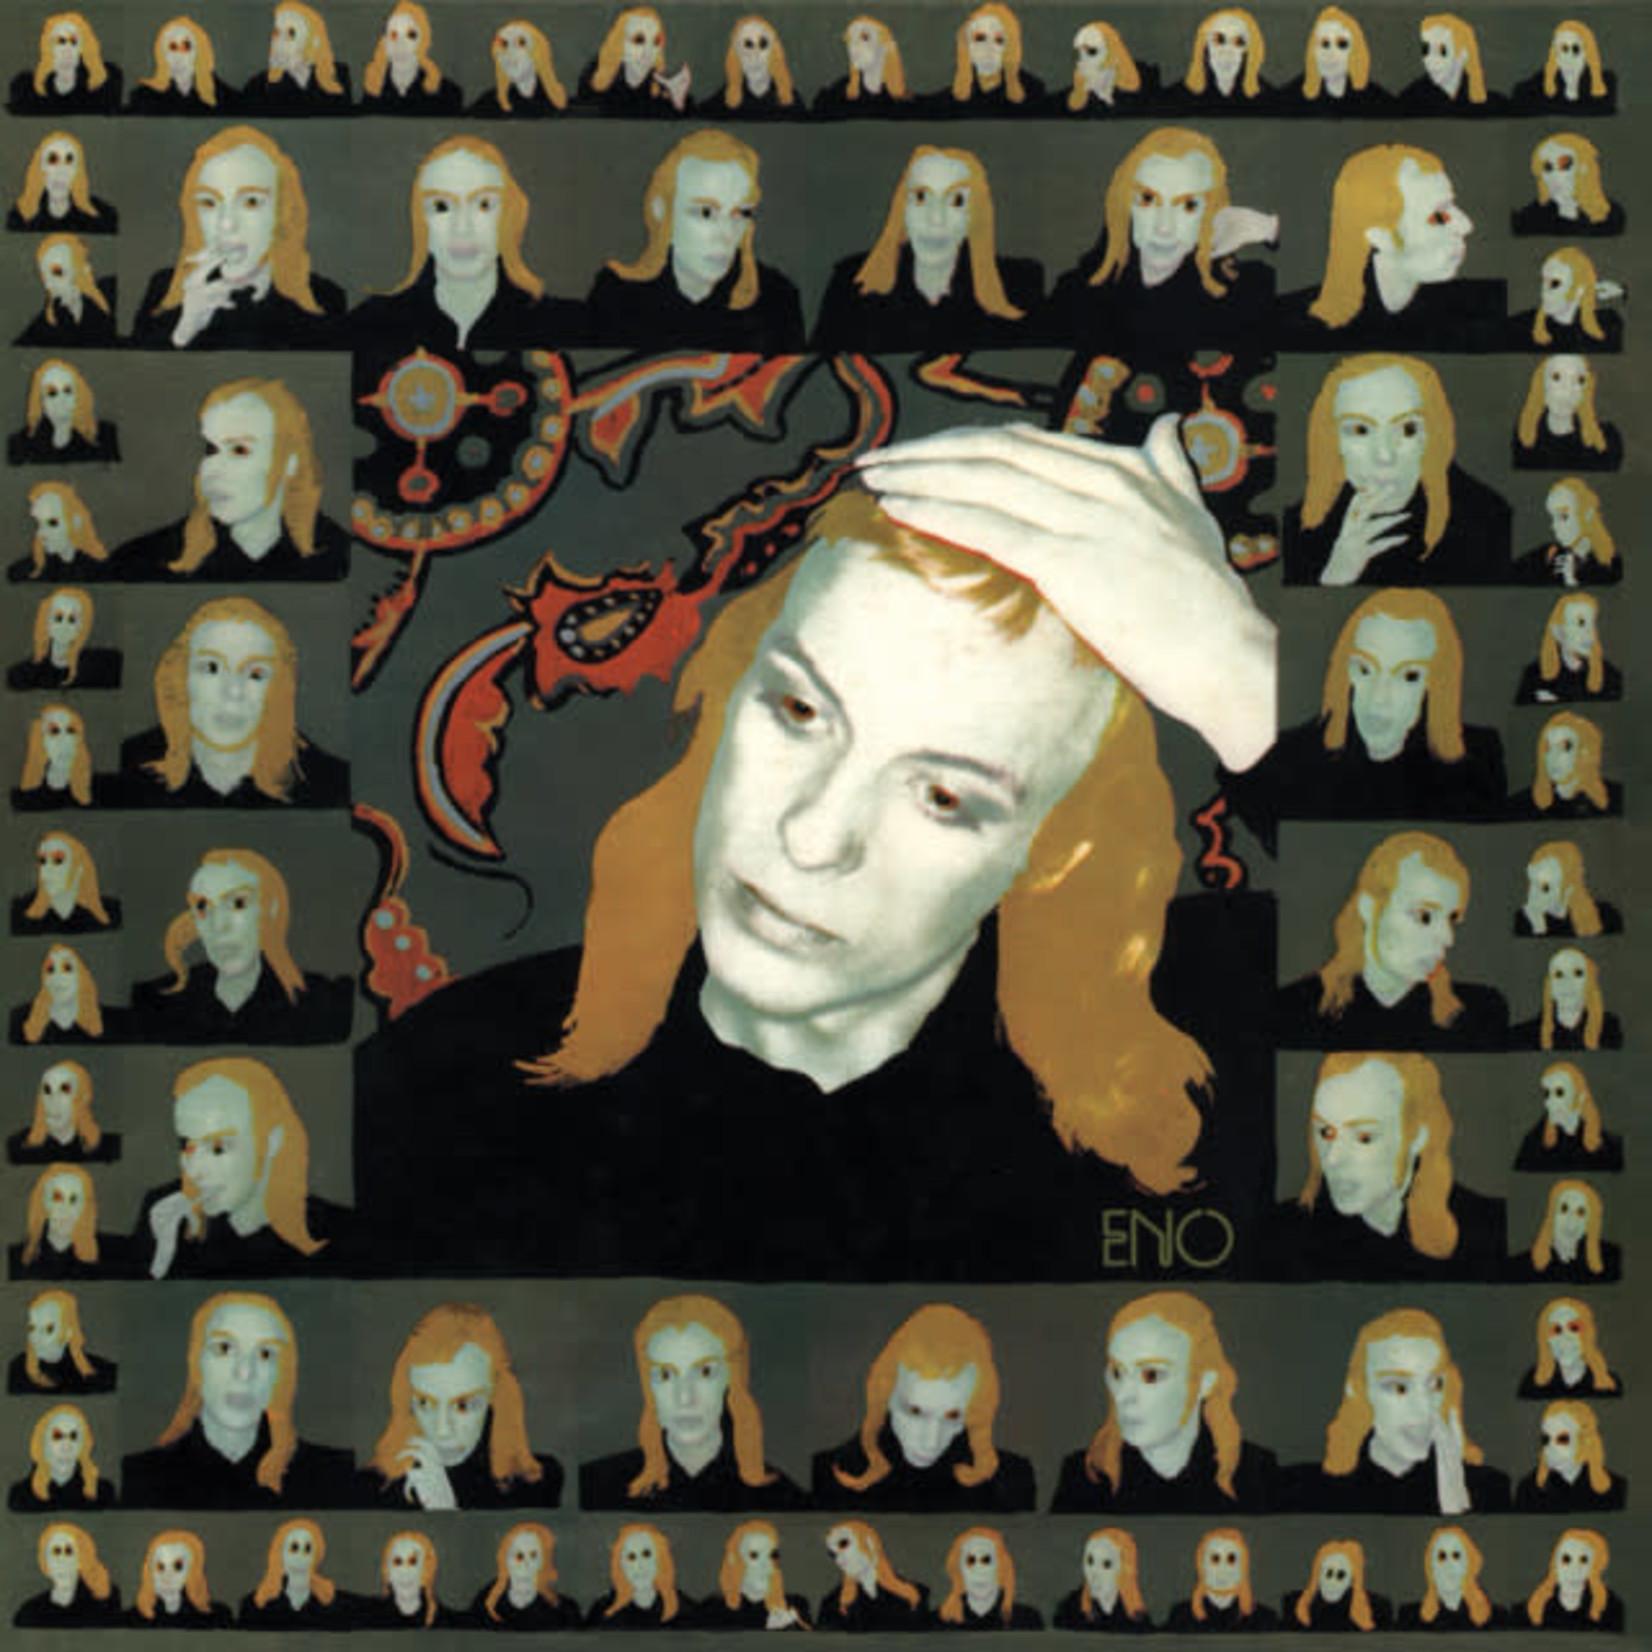 Vinyl Eno - Taking Tiger Mountain